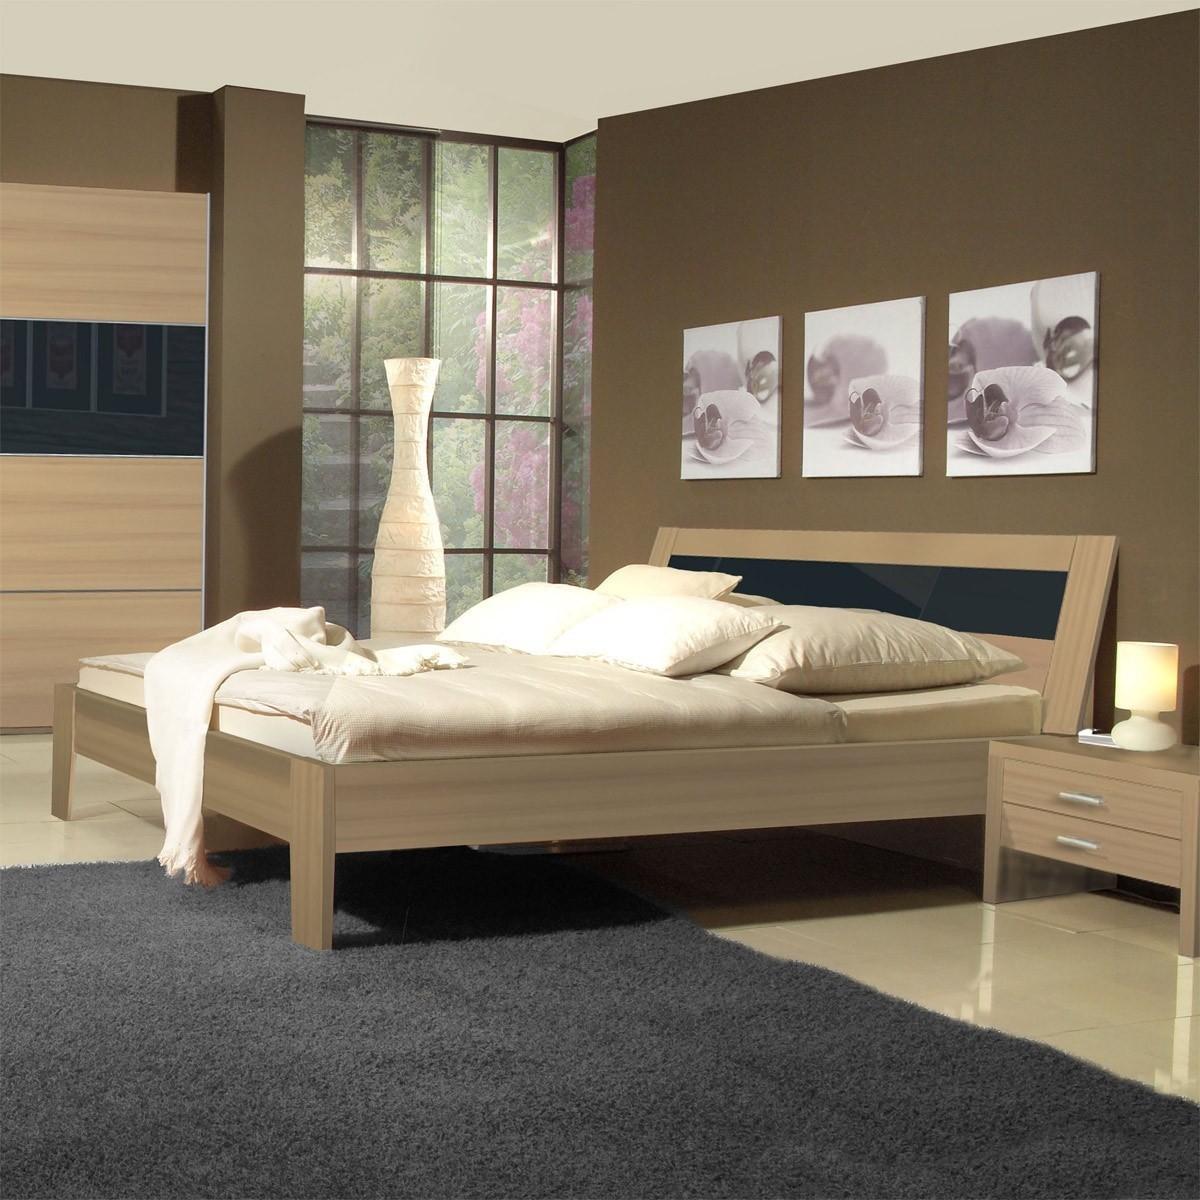 Bett doppelbett schlafzimmer inkl 2 nachtkommoden in buche und glas grau neu ebay - Schlafzimmer neu ...